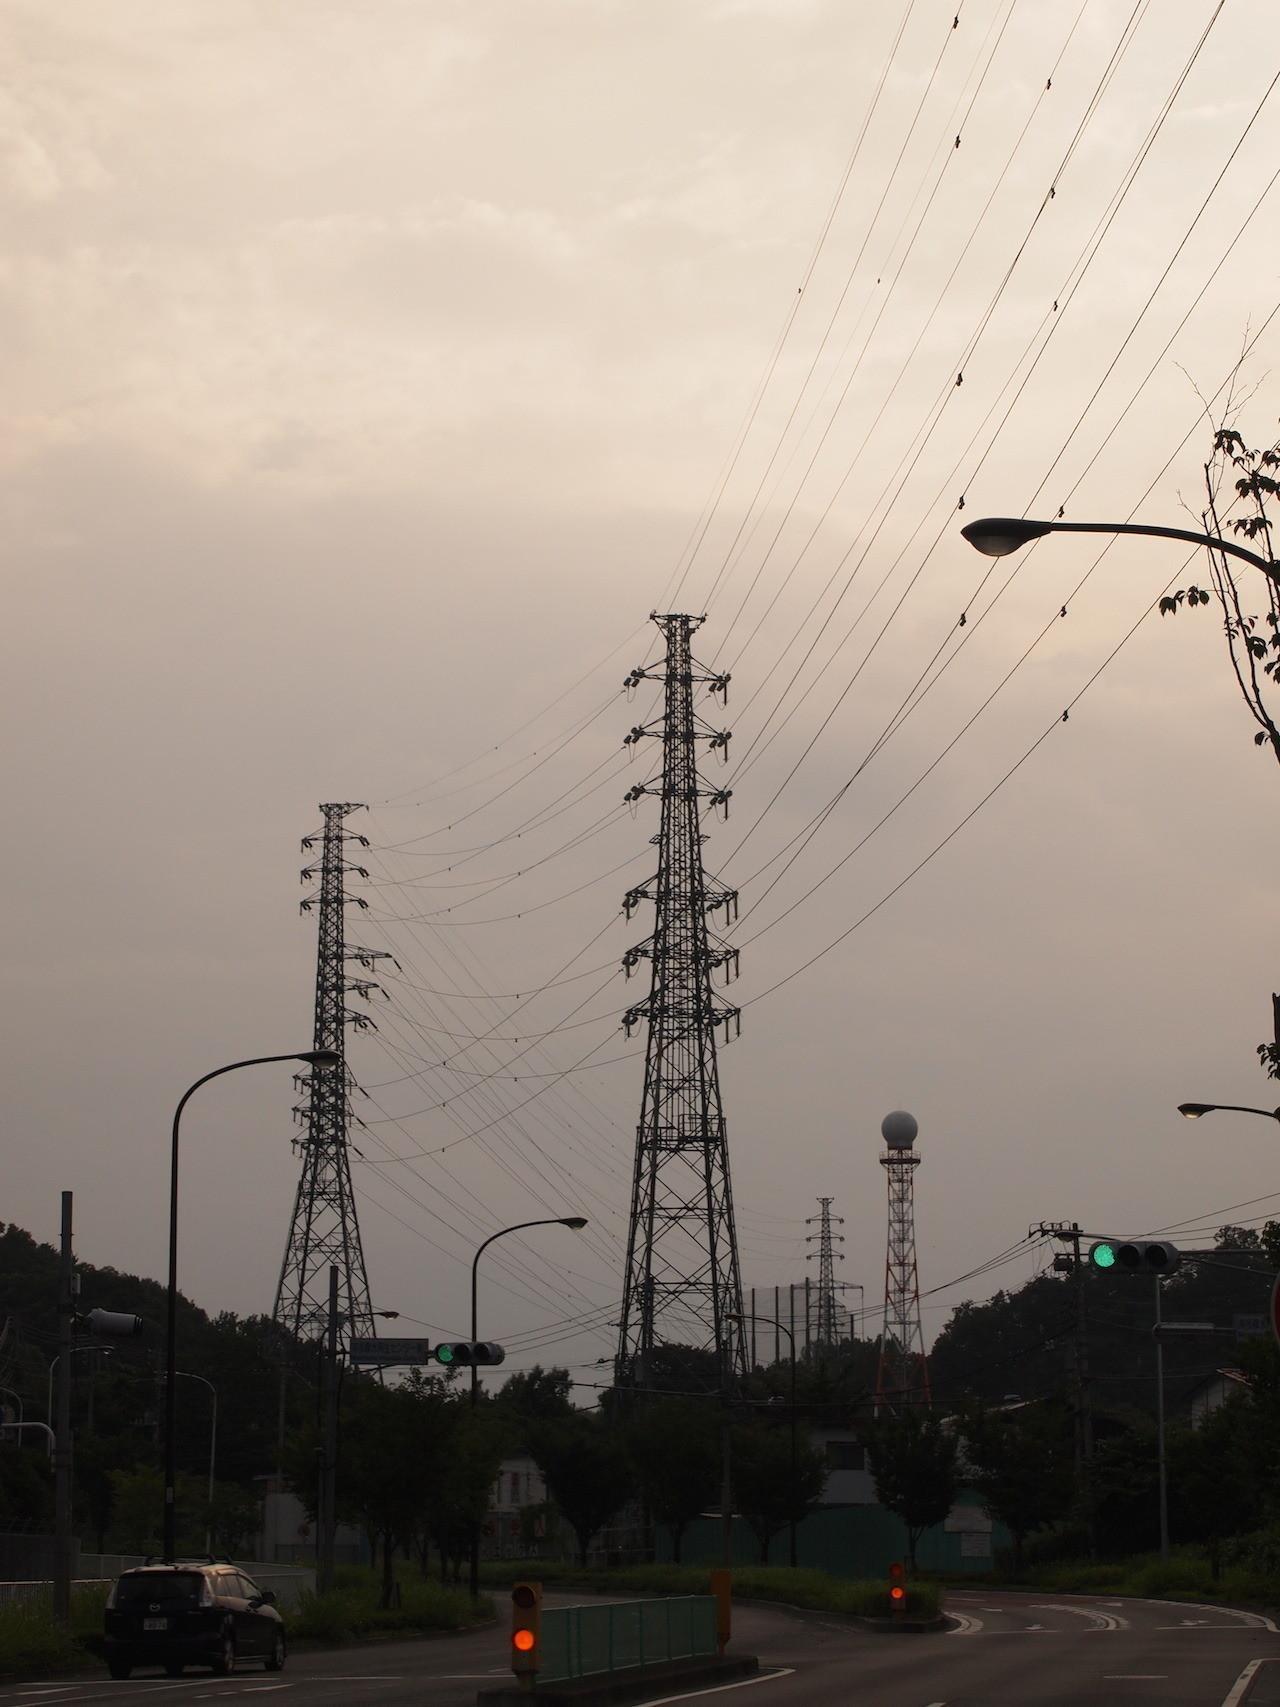 上段はJRの境八線、下段に東電の浄水場と清掃工場への支線が相乗りしている。右奥の丸いのが乗った塔は、東京アメッシュの稲城レーダー。 2014年7月撮影。